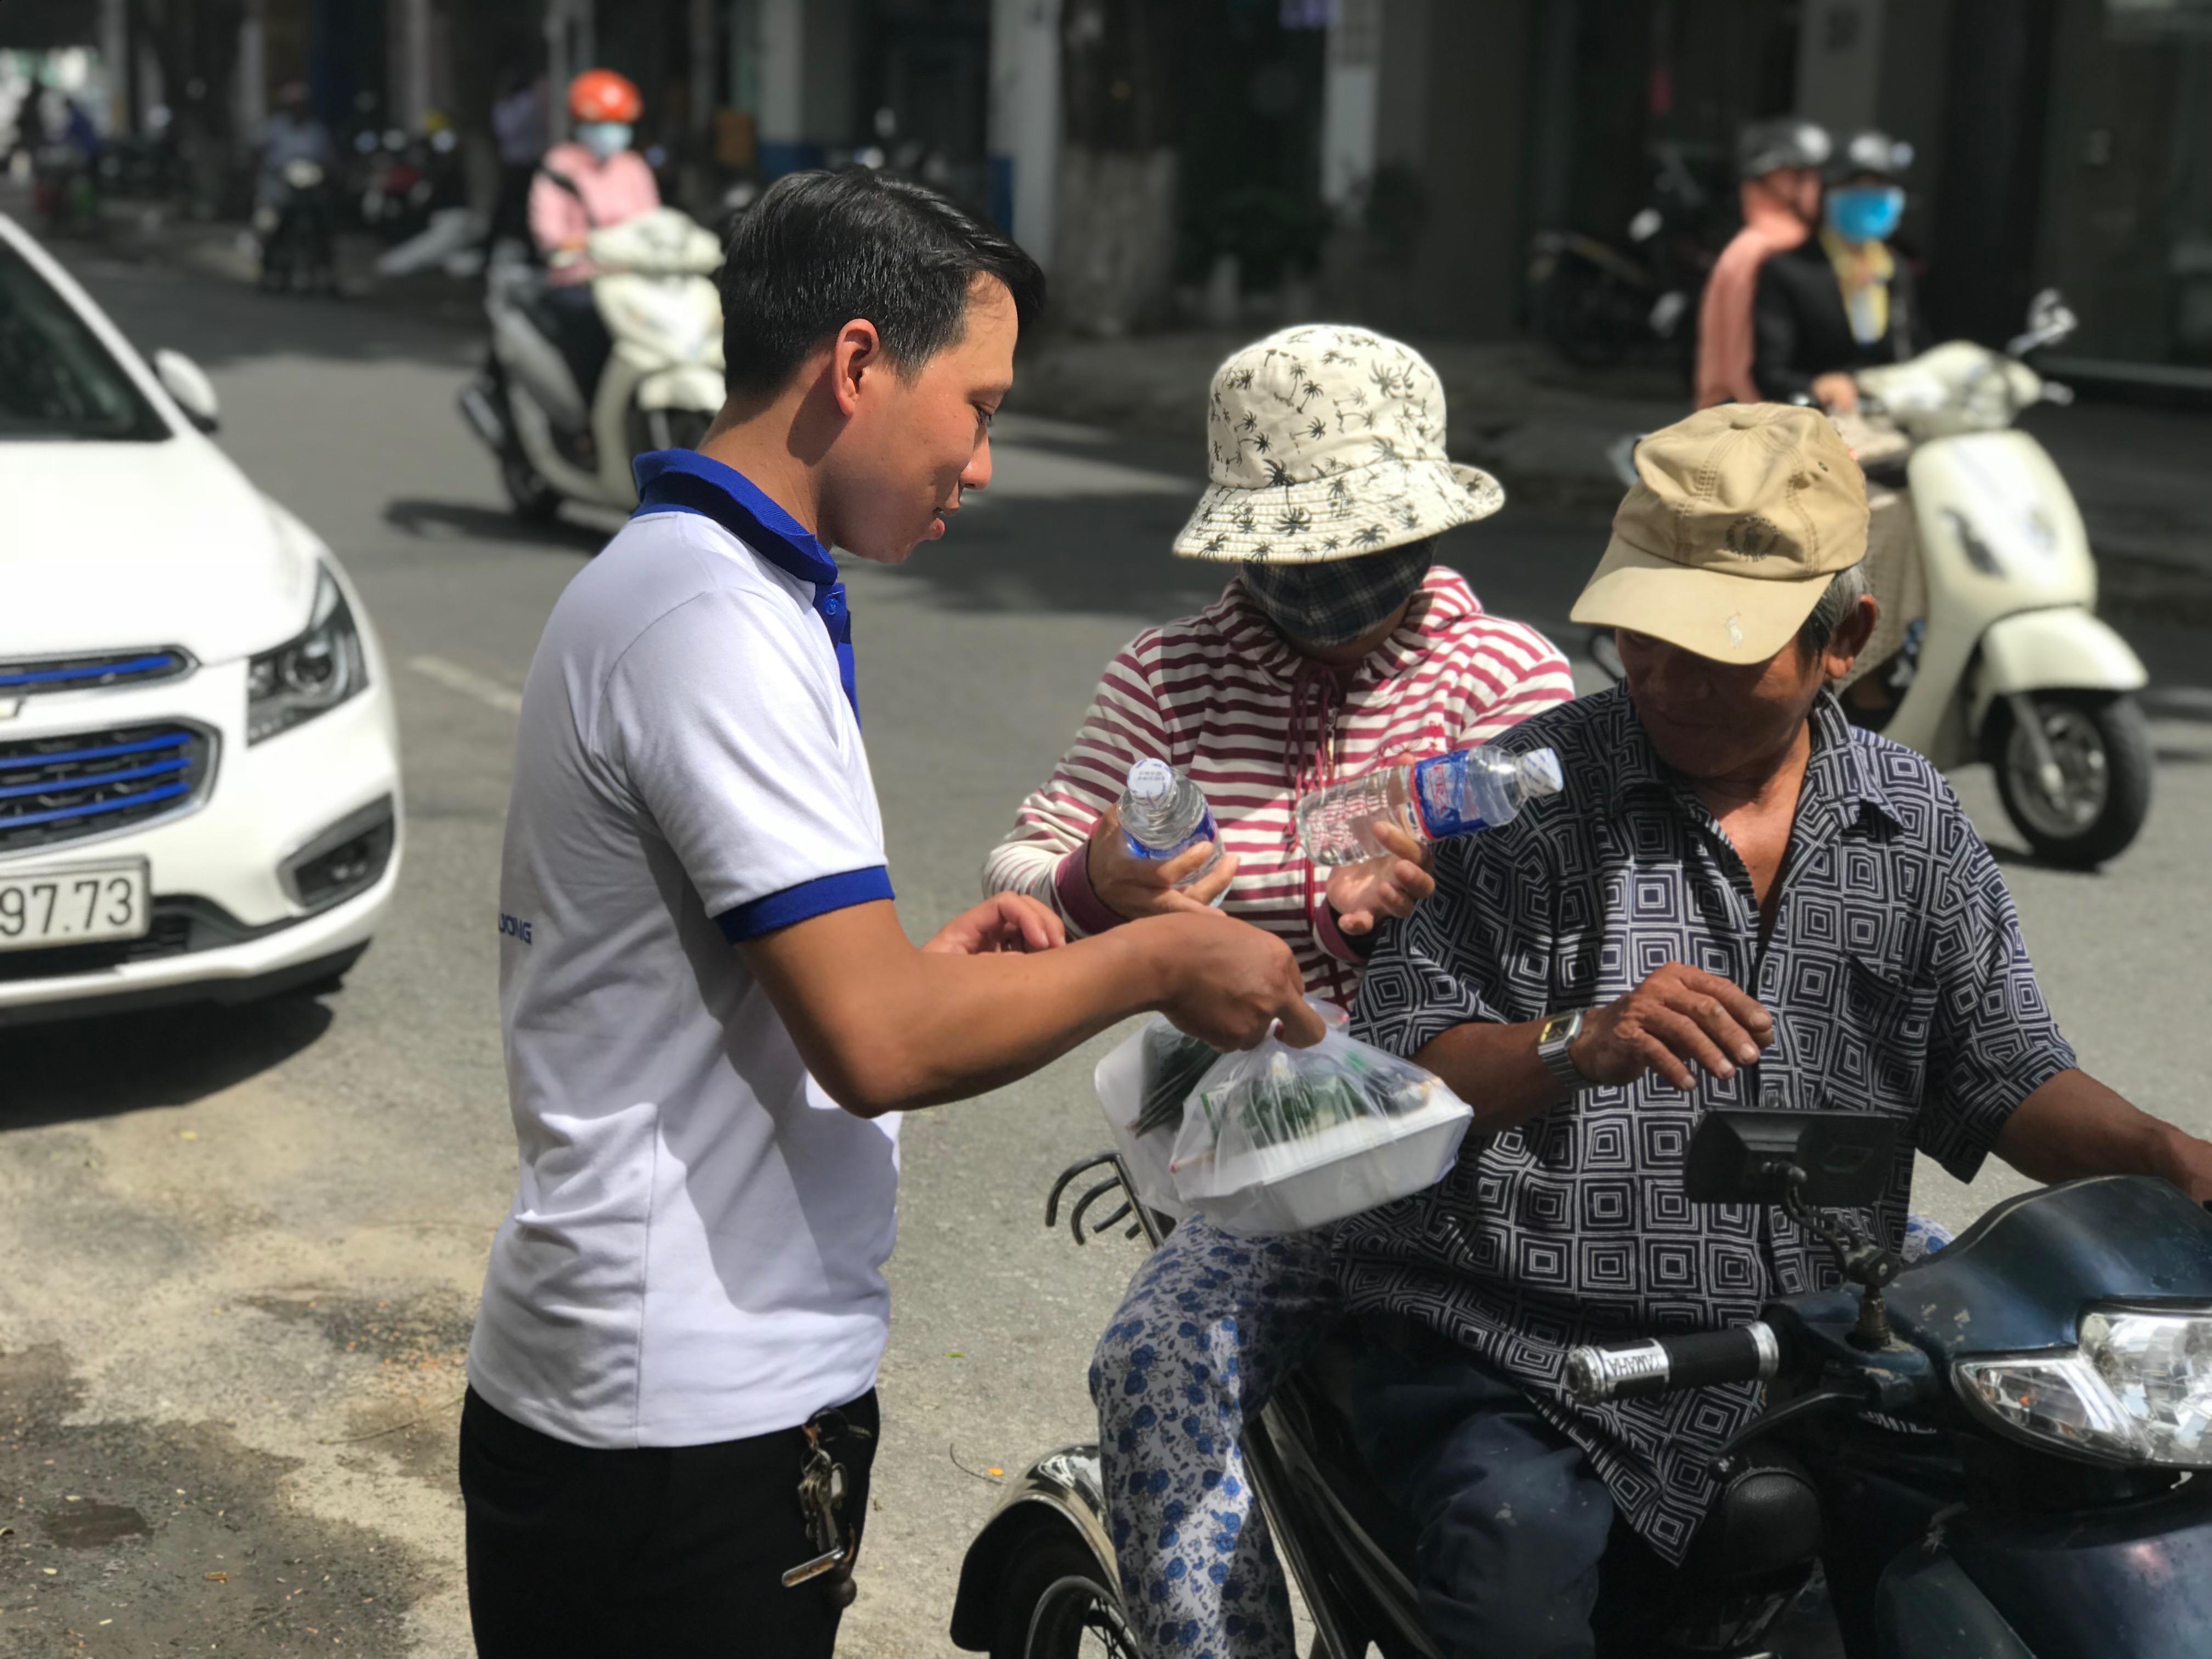 CLB Chia sẻ và Yêu Thương – Hội LHTN phường An Khê tổ chức phát cơm từ thiện.